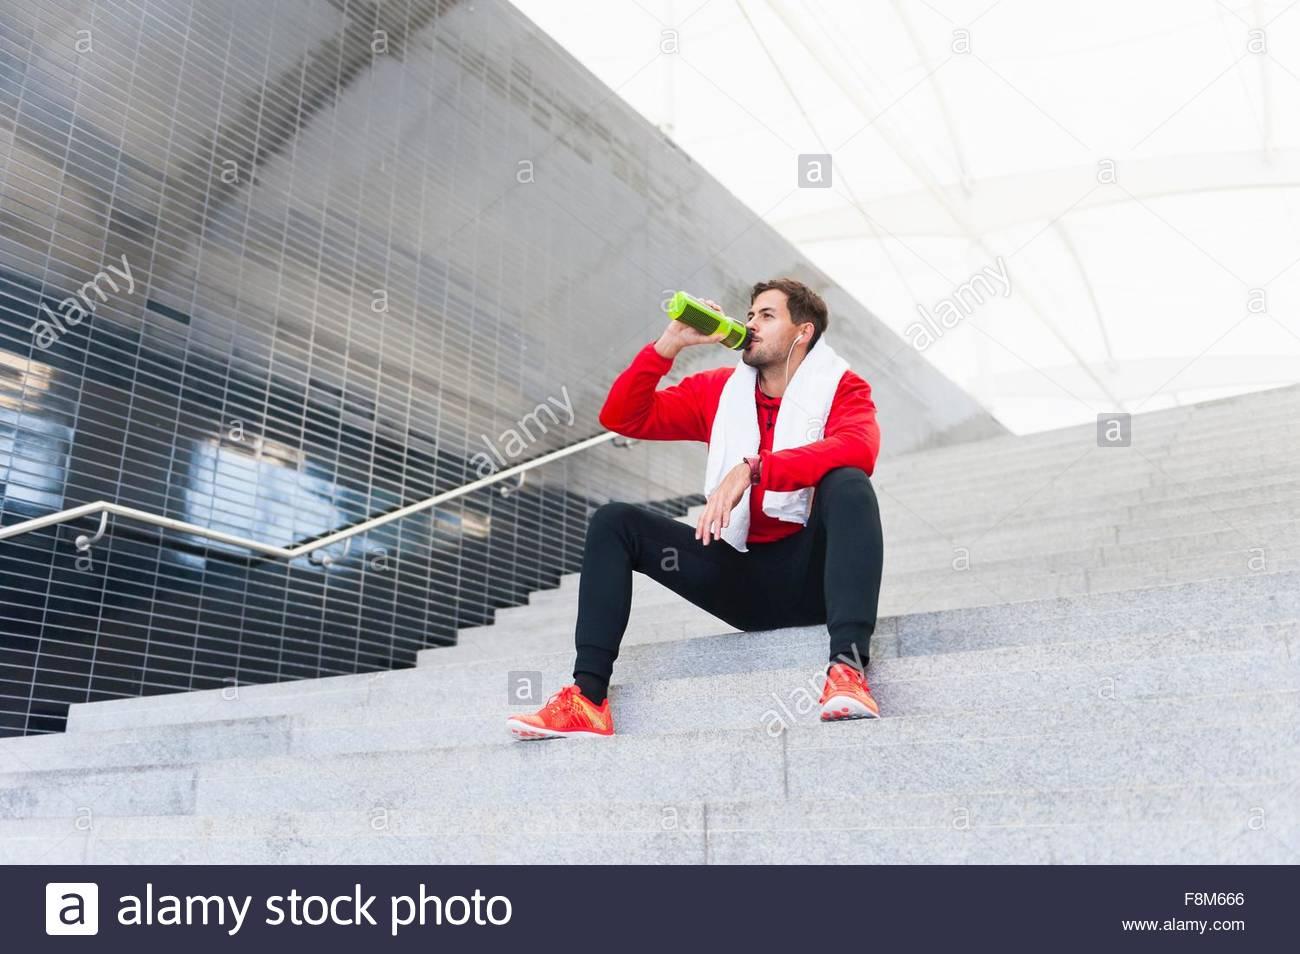 Junge männliche Läufer Trinkwasser Flasche auf Stadt-Treppe Stockbild